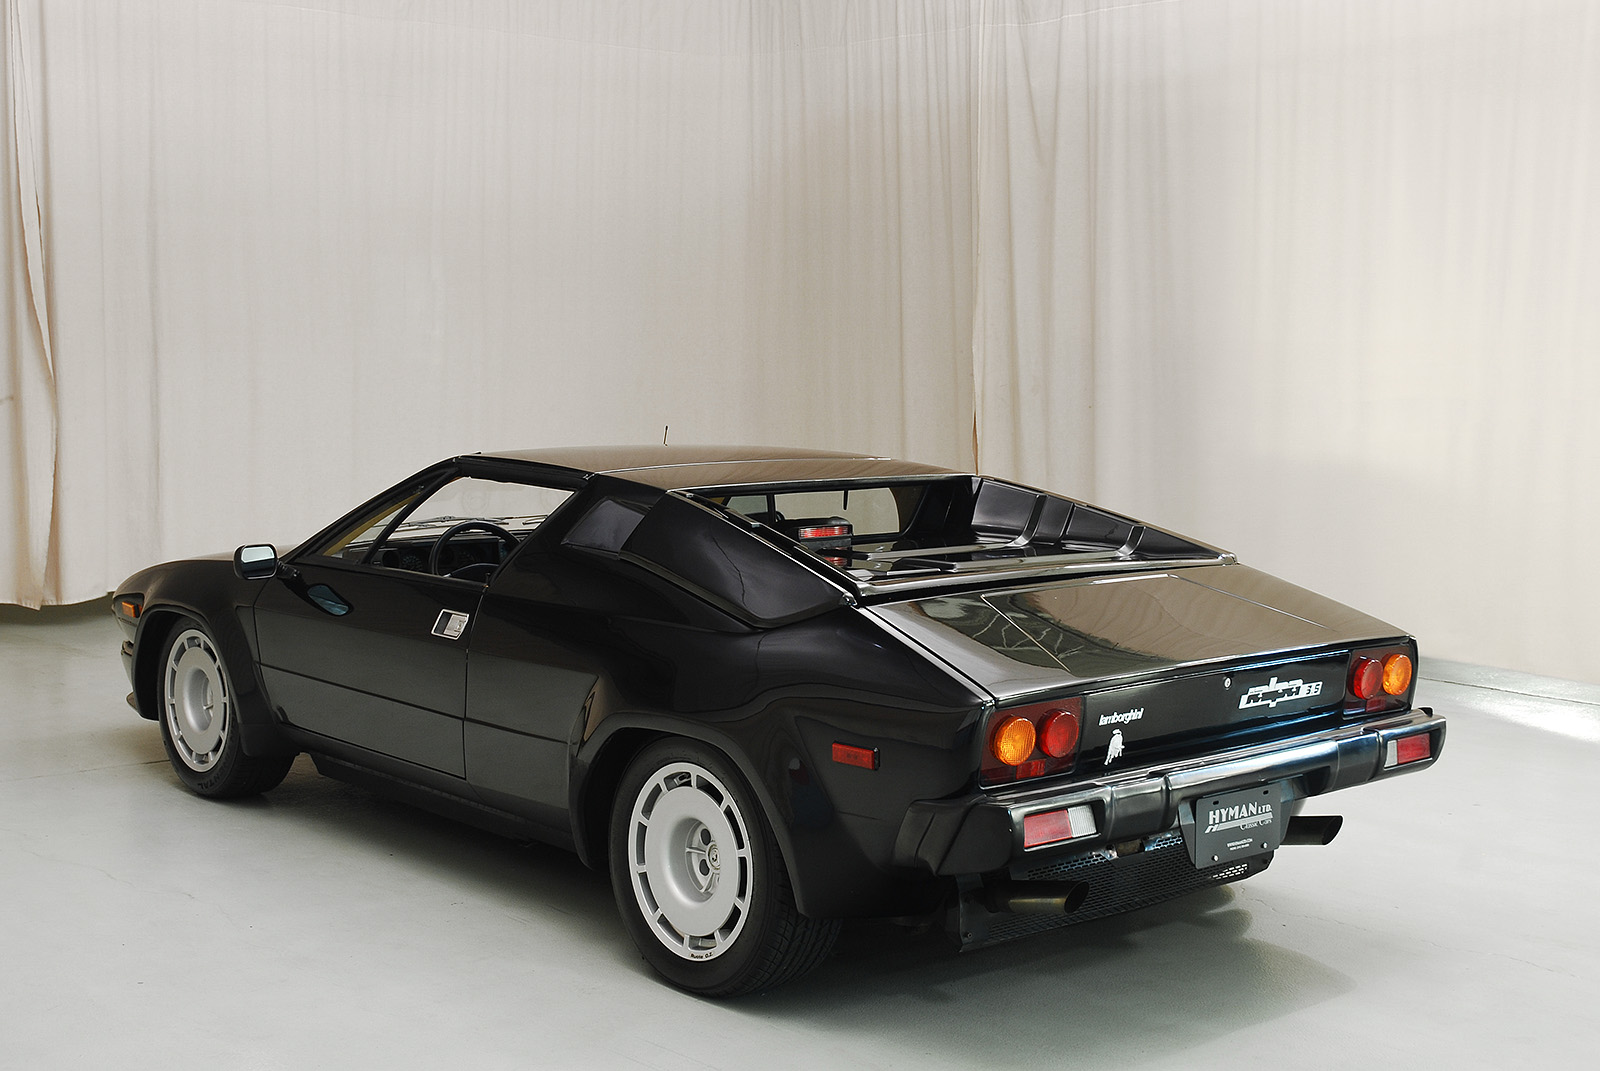 1988 Lamborghini Jalpa Coupe Hyman Ltd Classic Cars